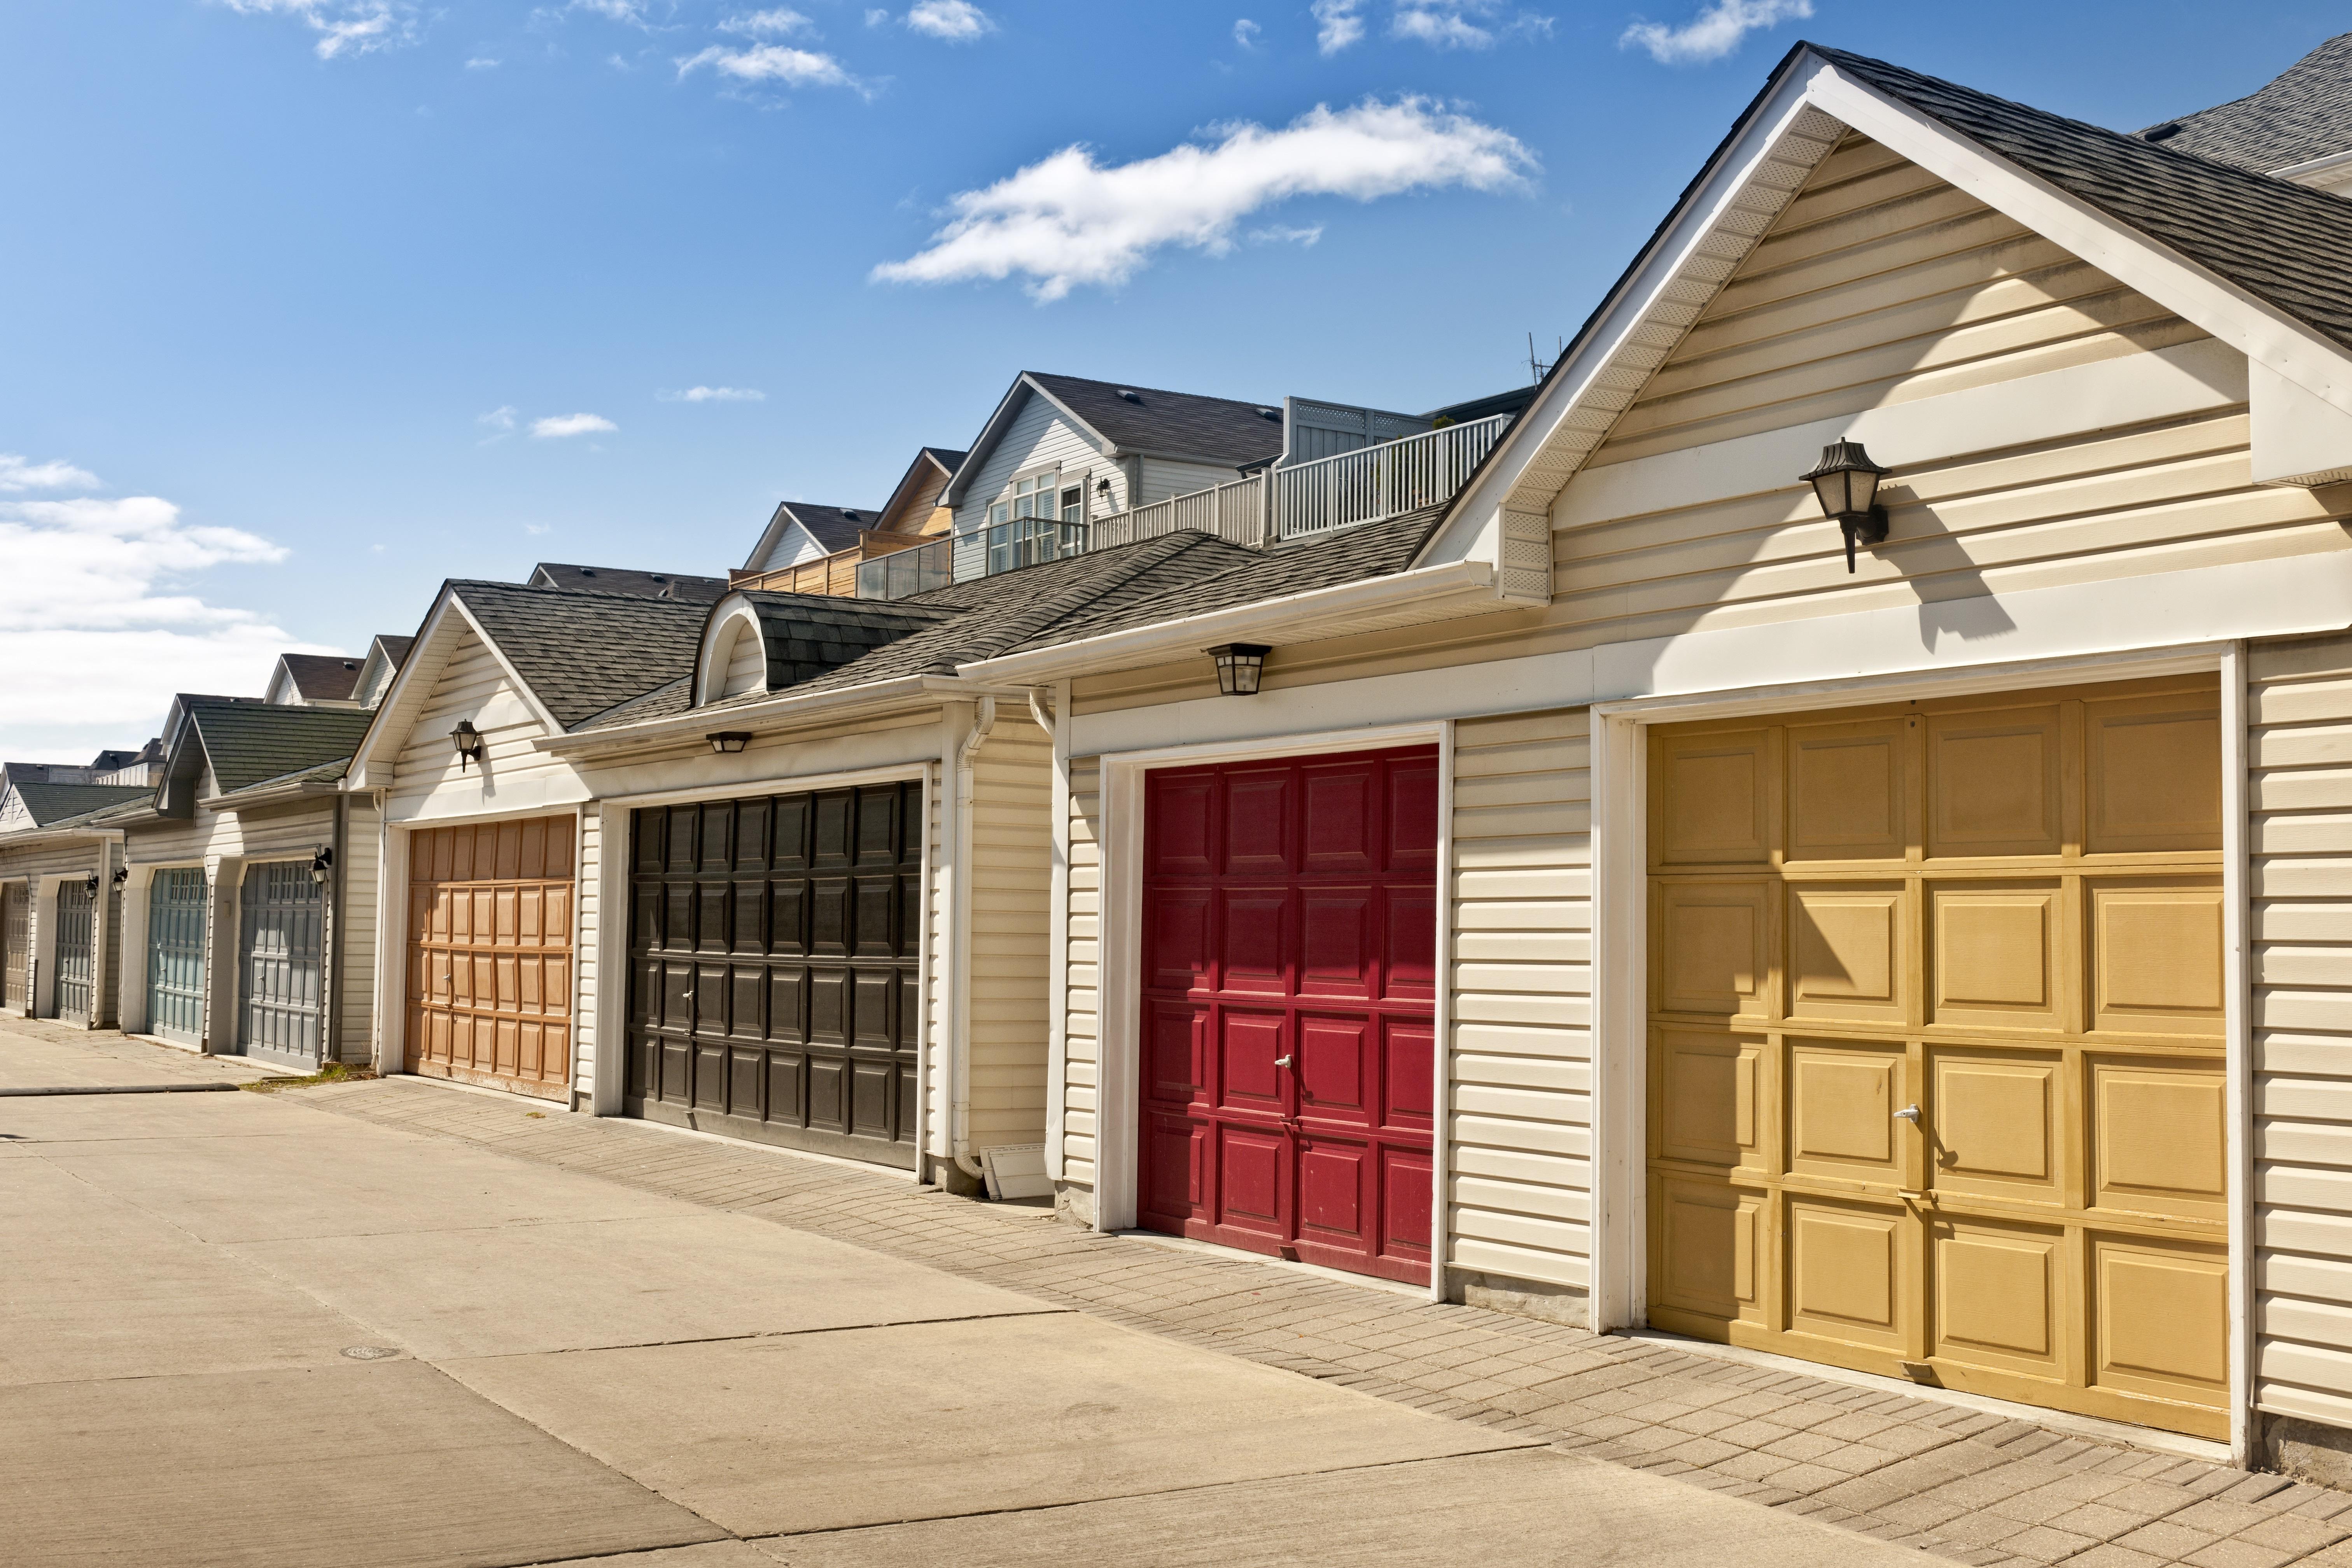 4032 #2A61A2 Dallas Garage Door Repair Nation Overhead Garage Door pic Garage Doors Dallas 36316048